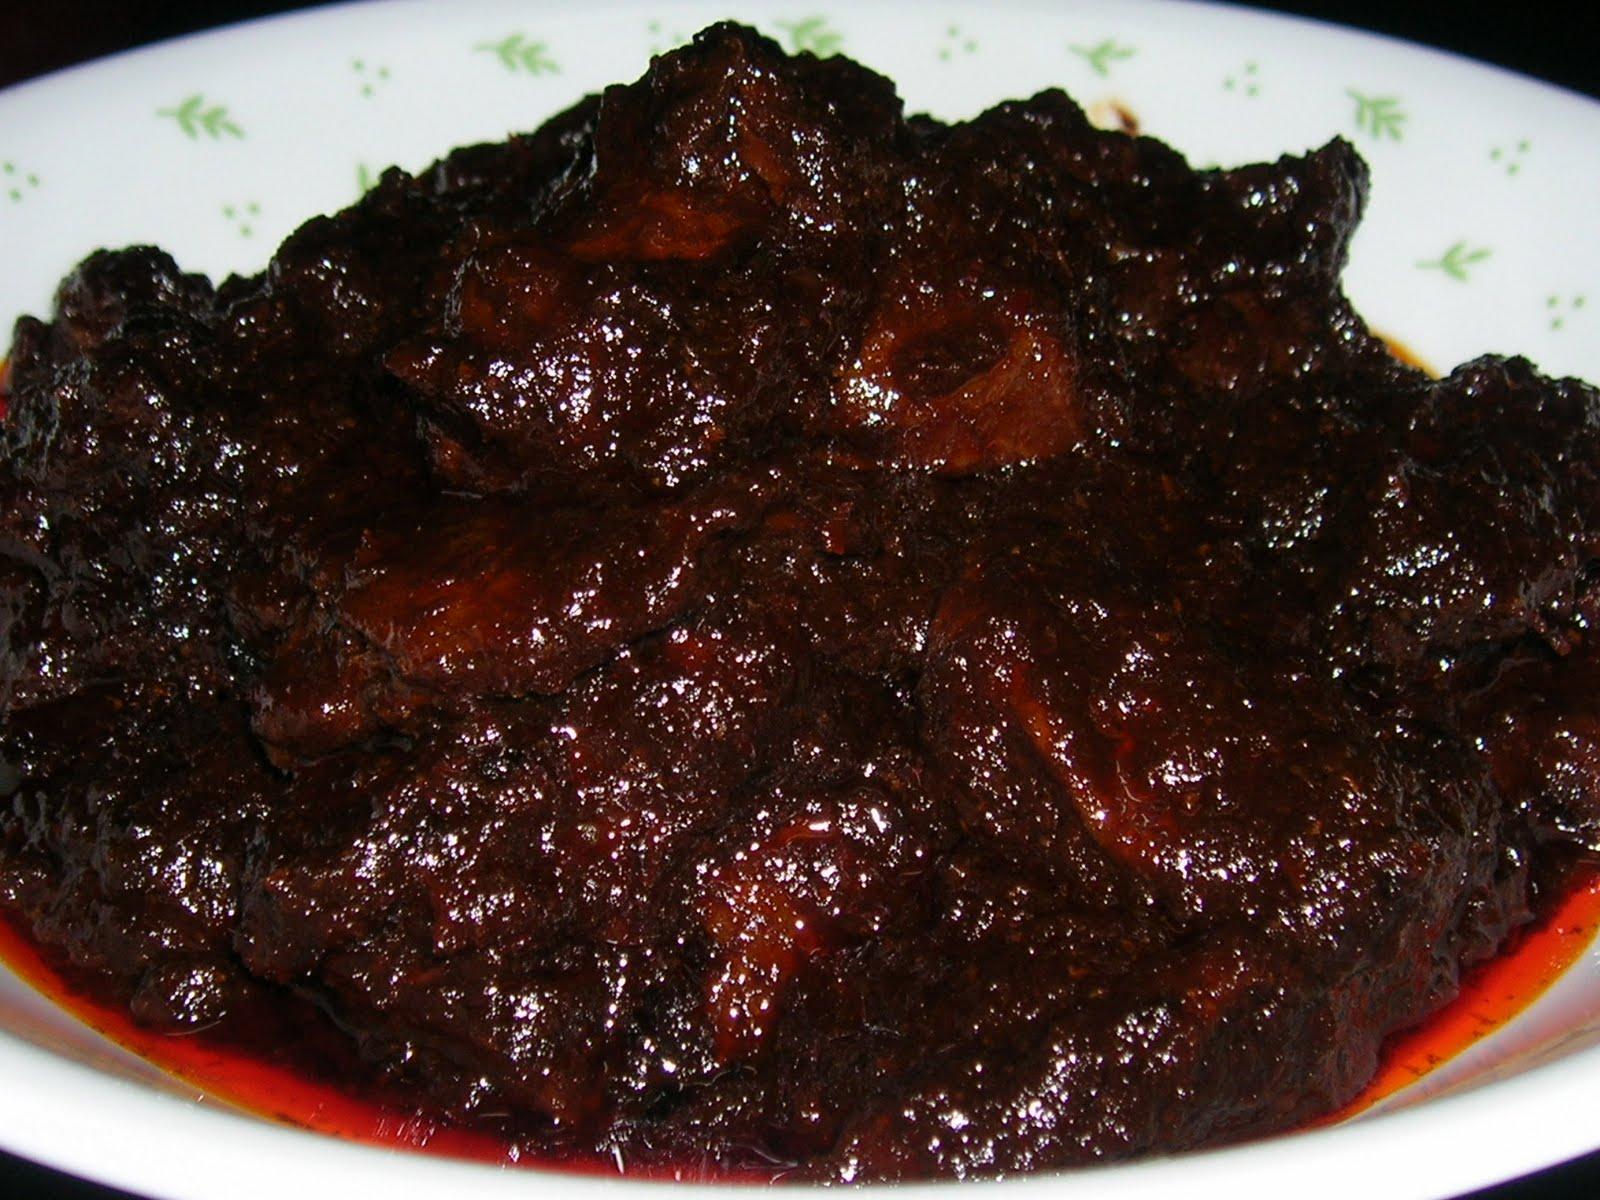 resepi ayam masak hitam simple  mudah khazanah resepi Resepi Masakan Ayam Belanda Enak dan Mudah